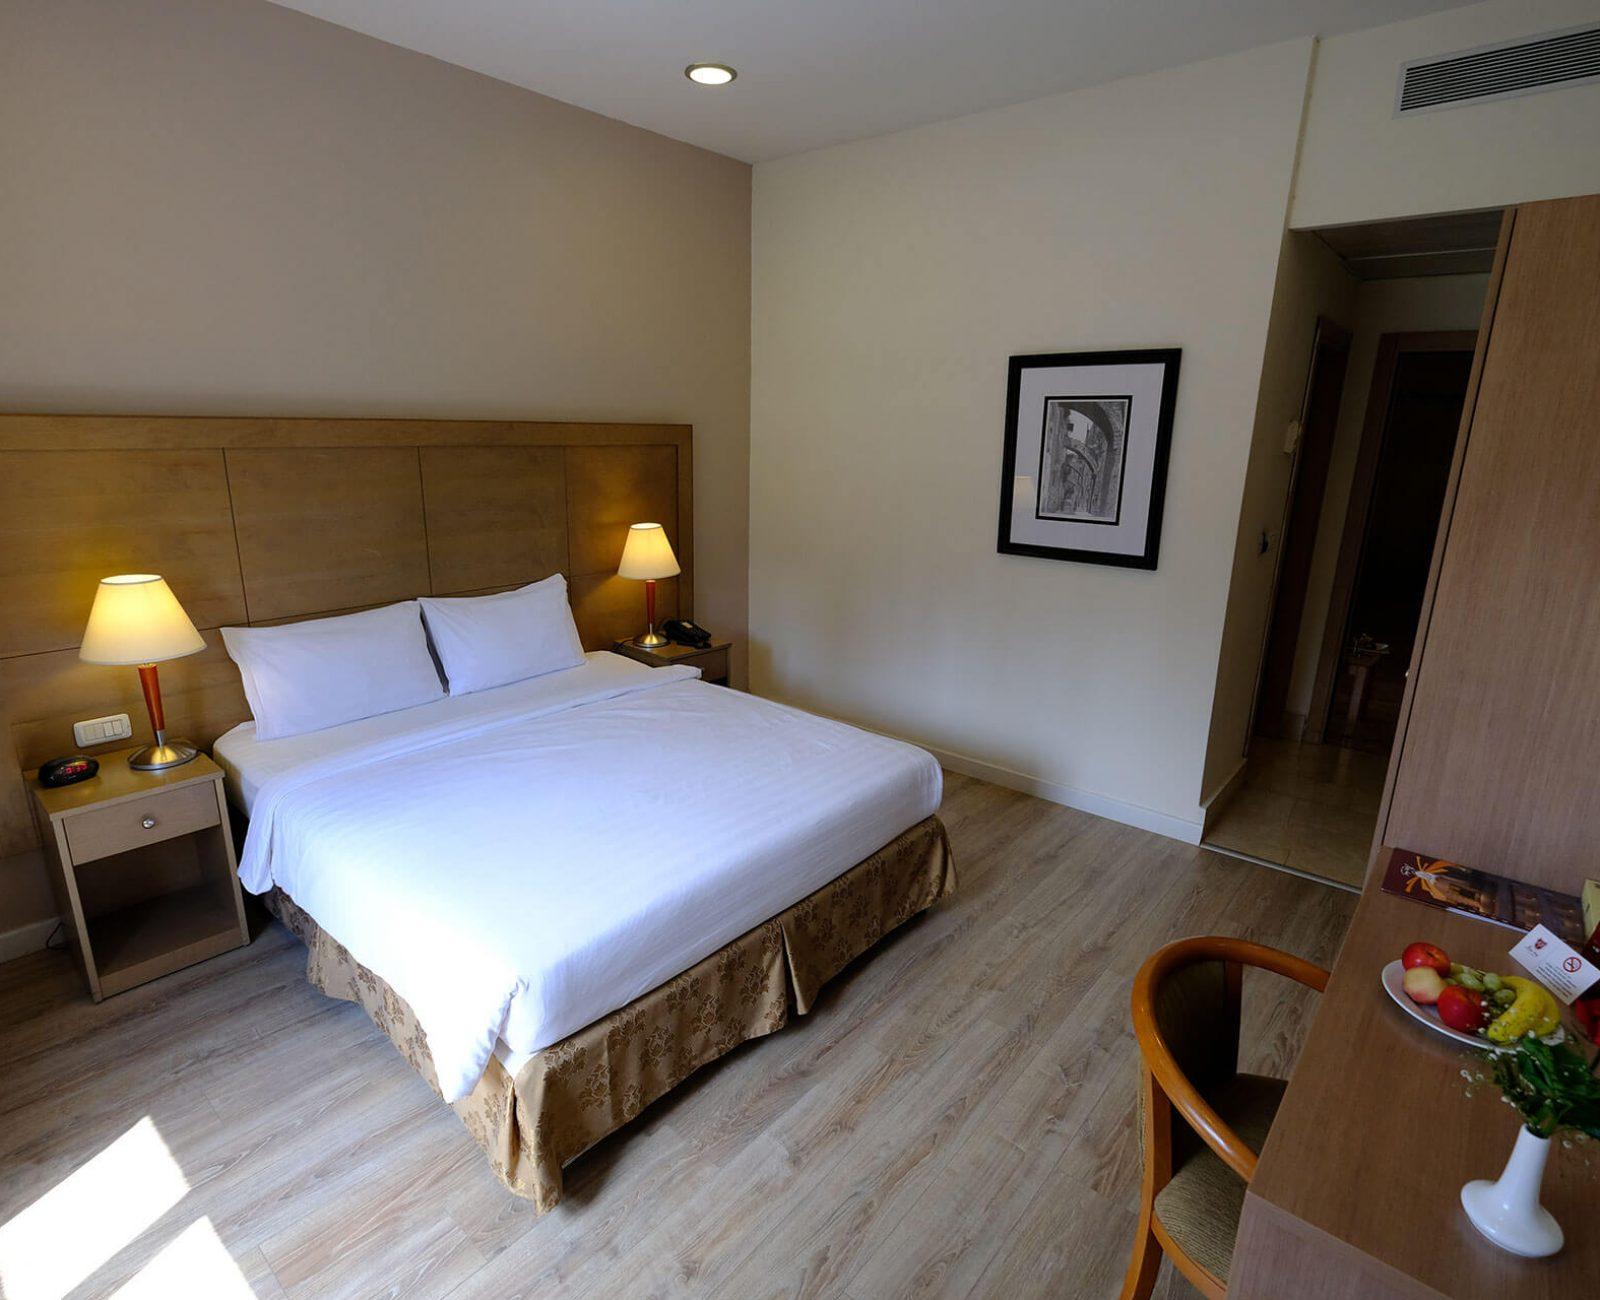 Ritz hotel_Standard Double Room (4)